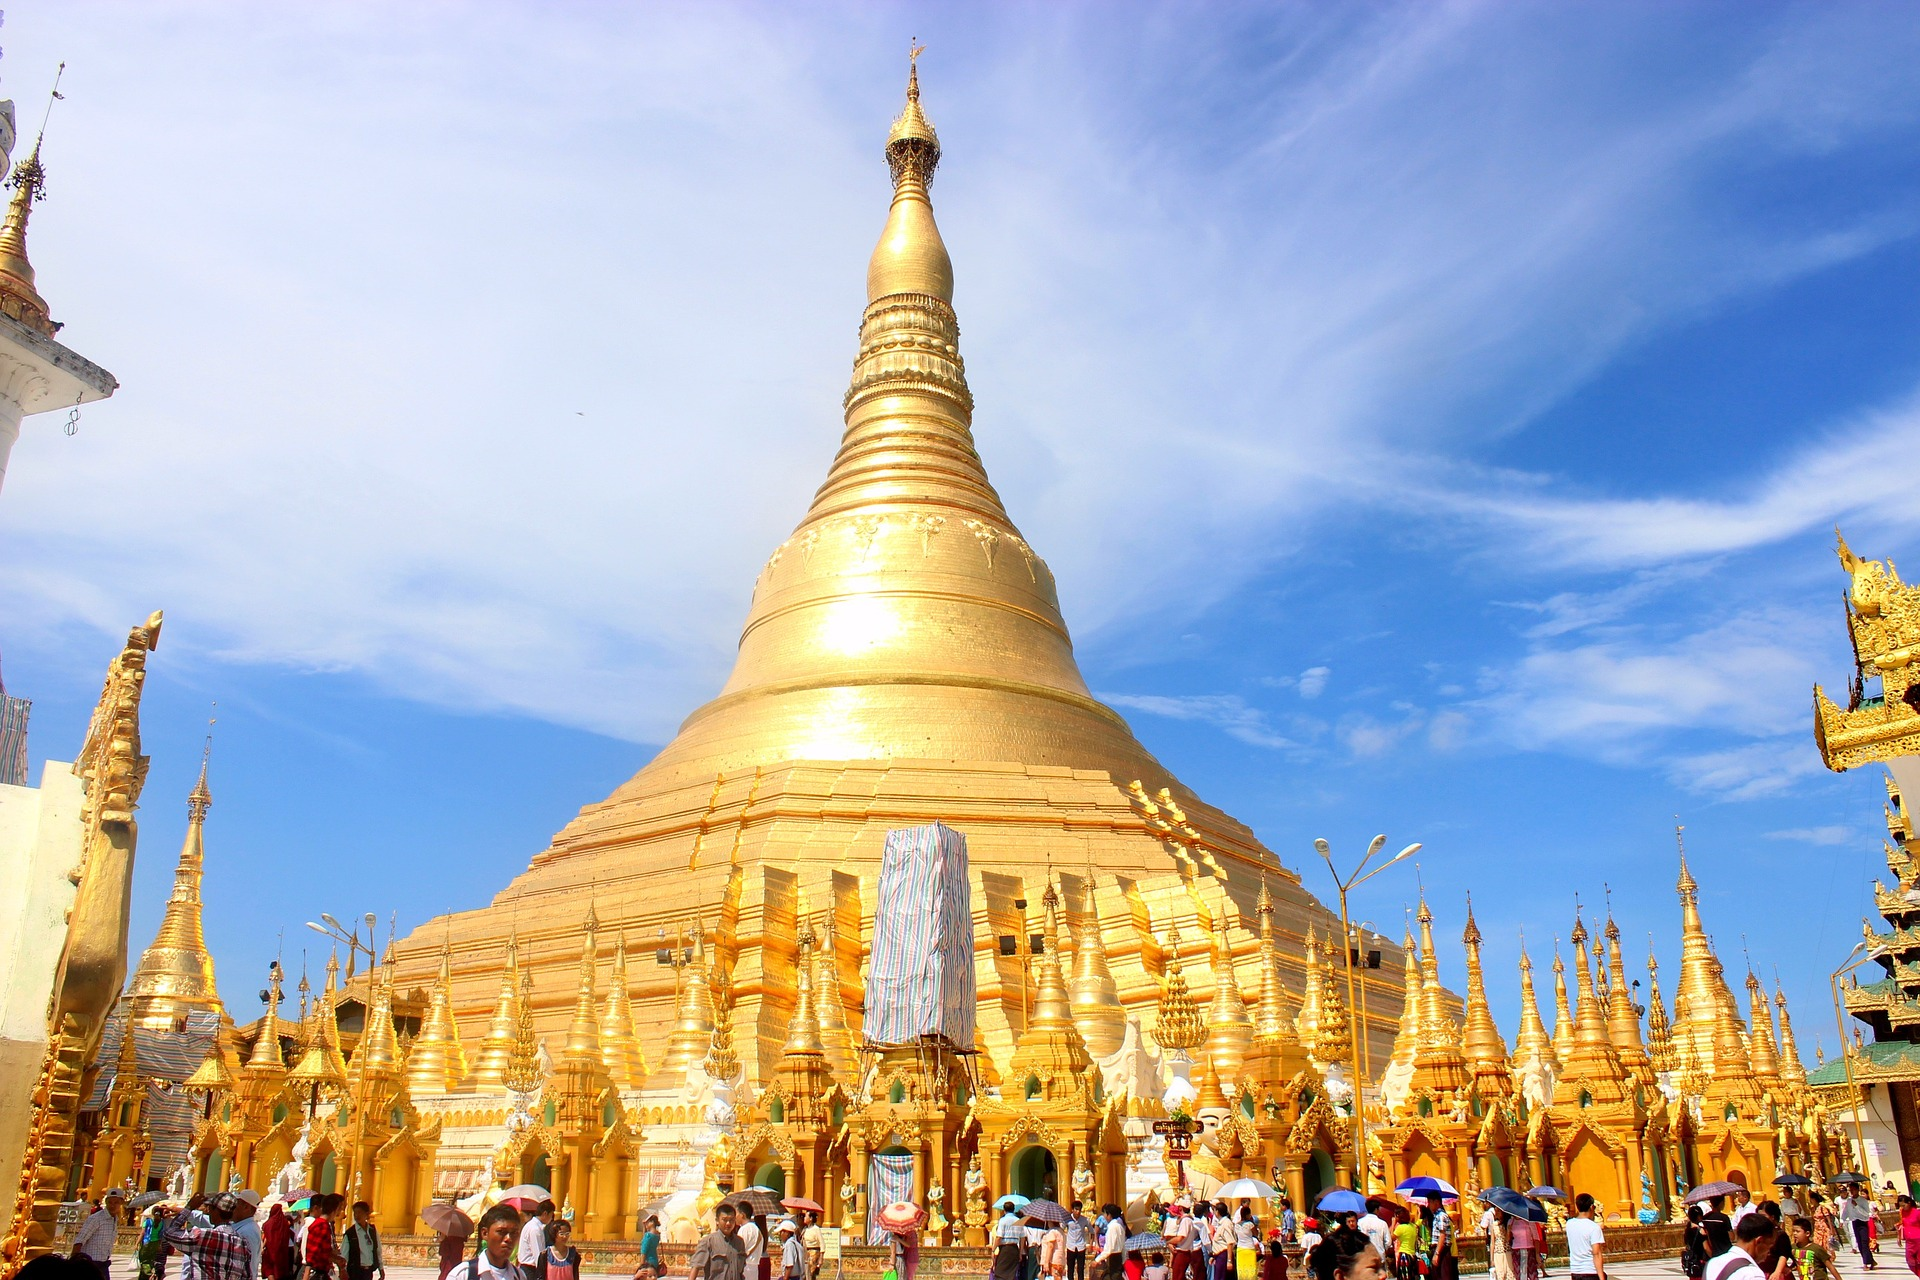 М'янма Янгон Шведагон